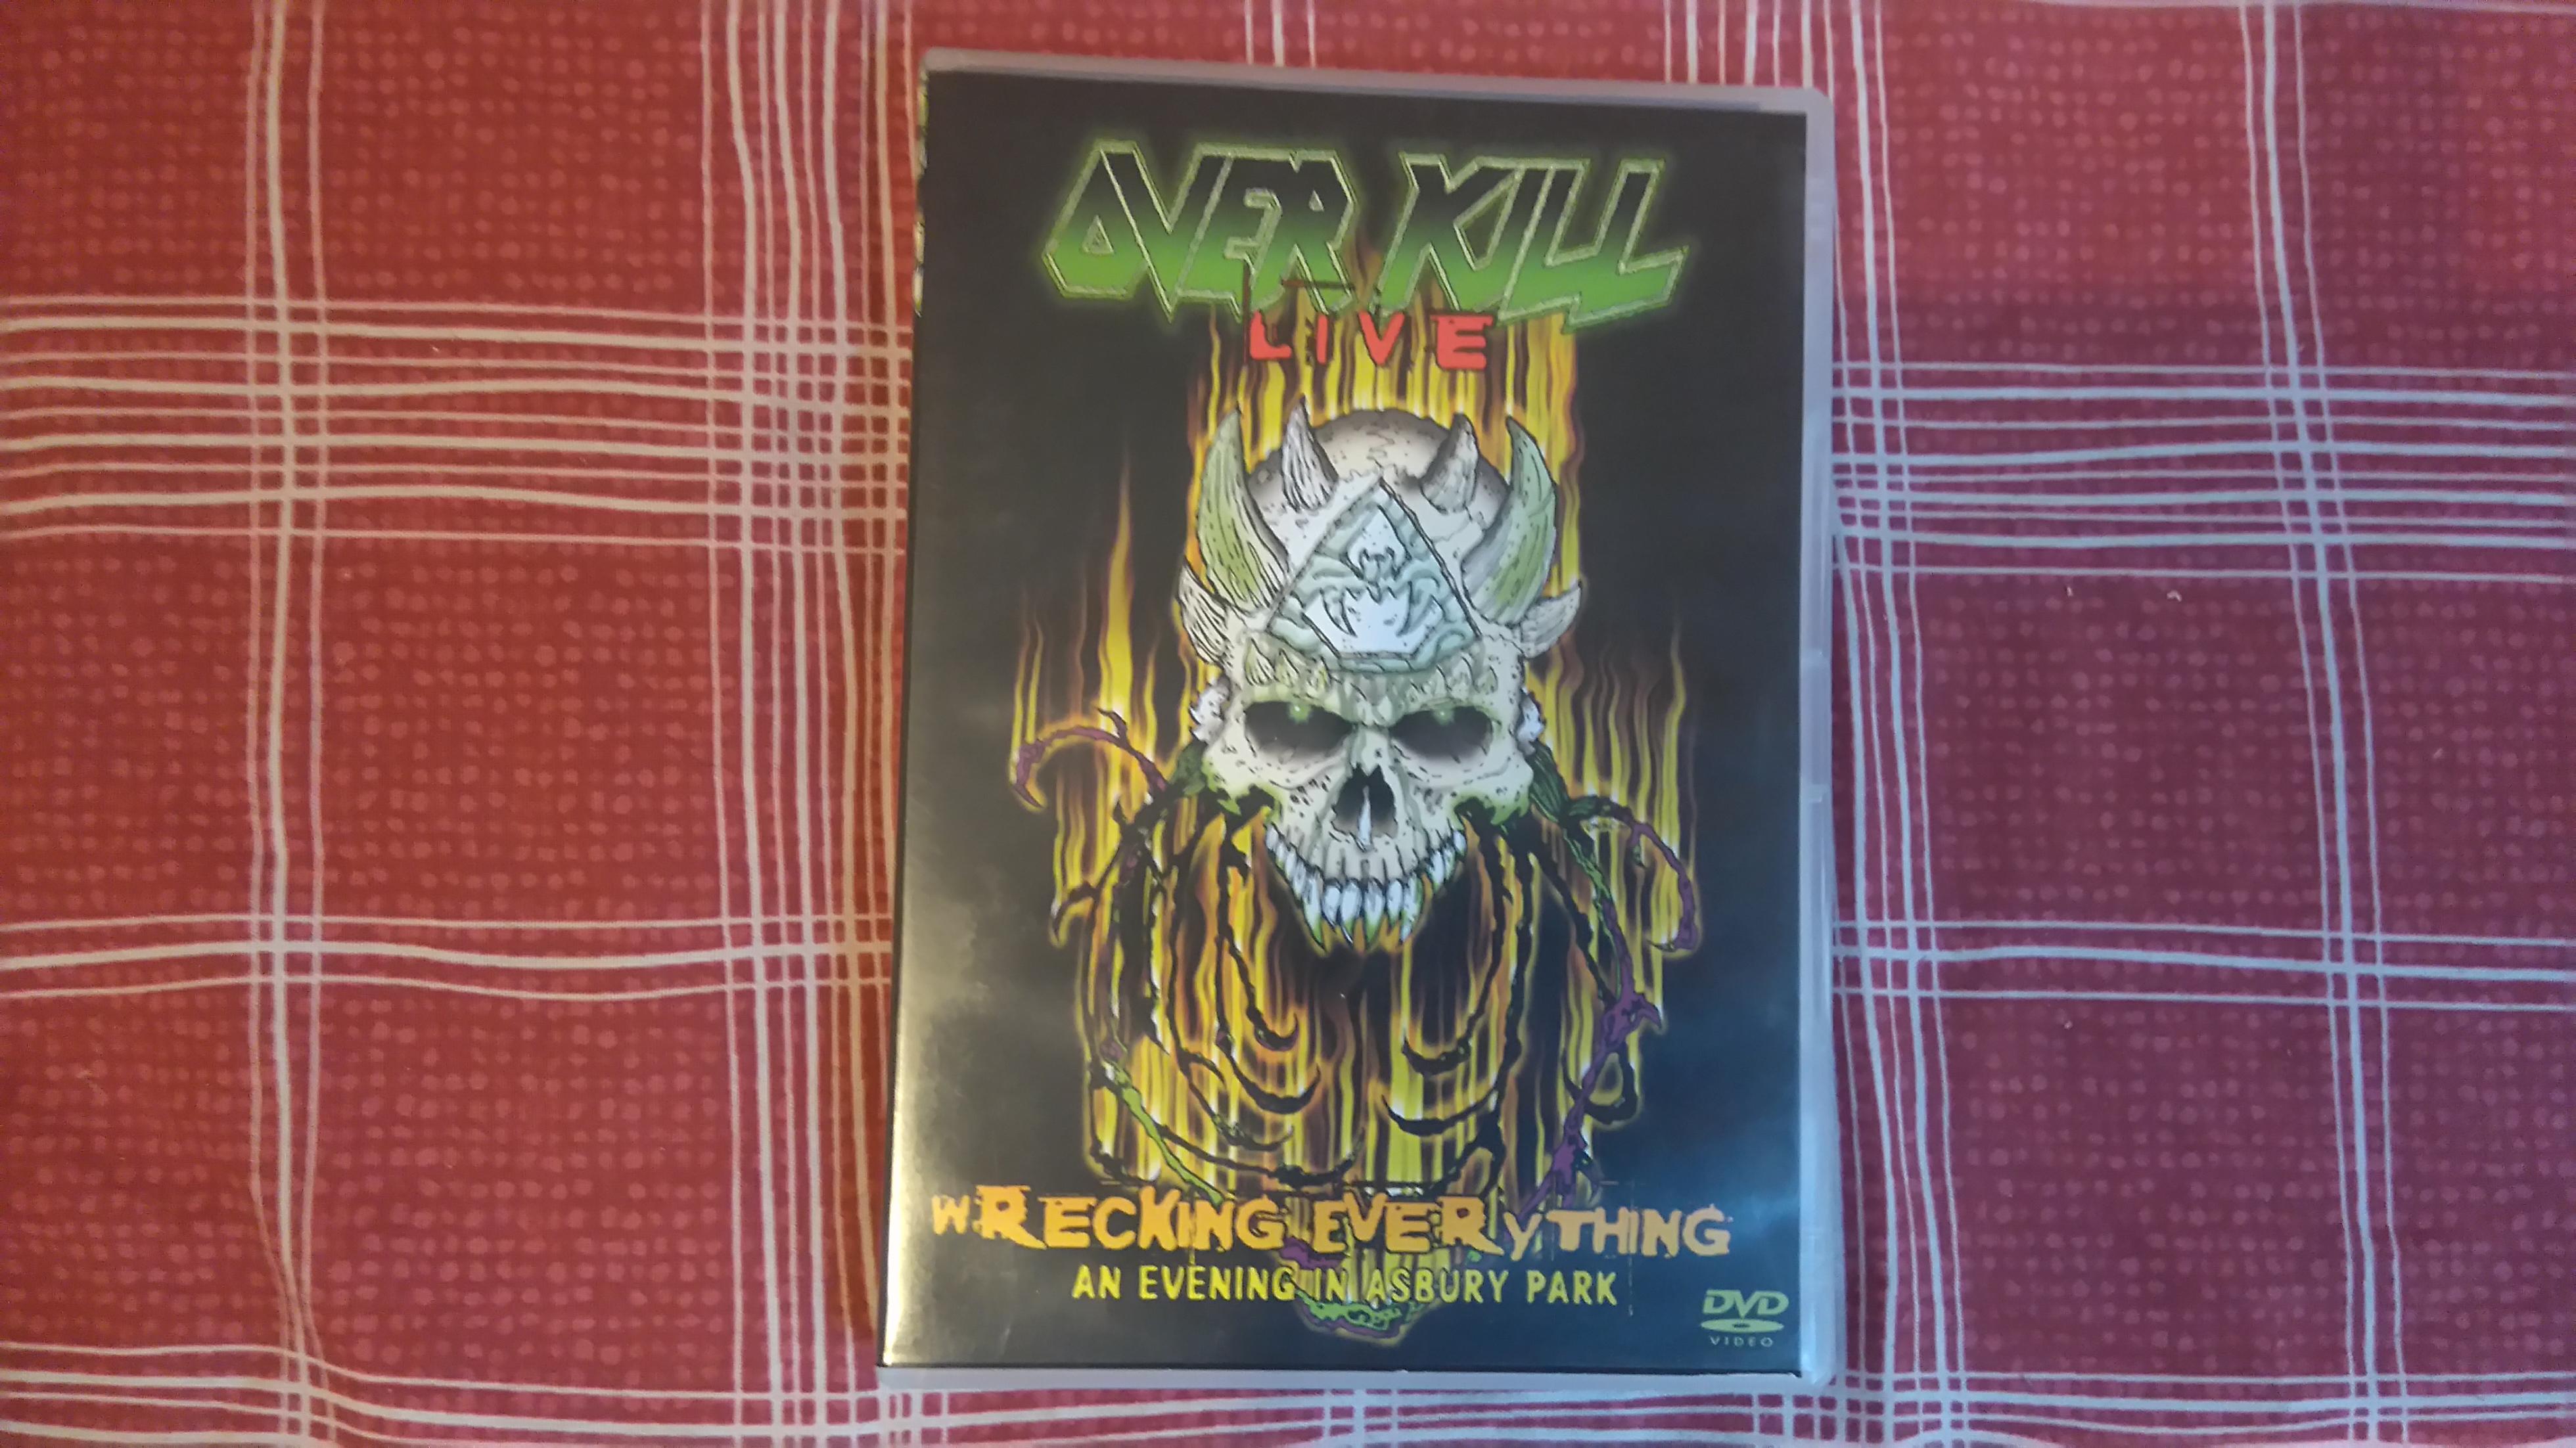 Overkill dvd.JPG